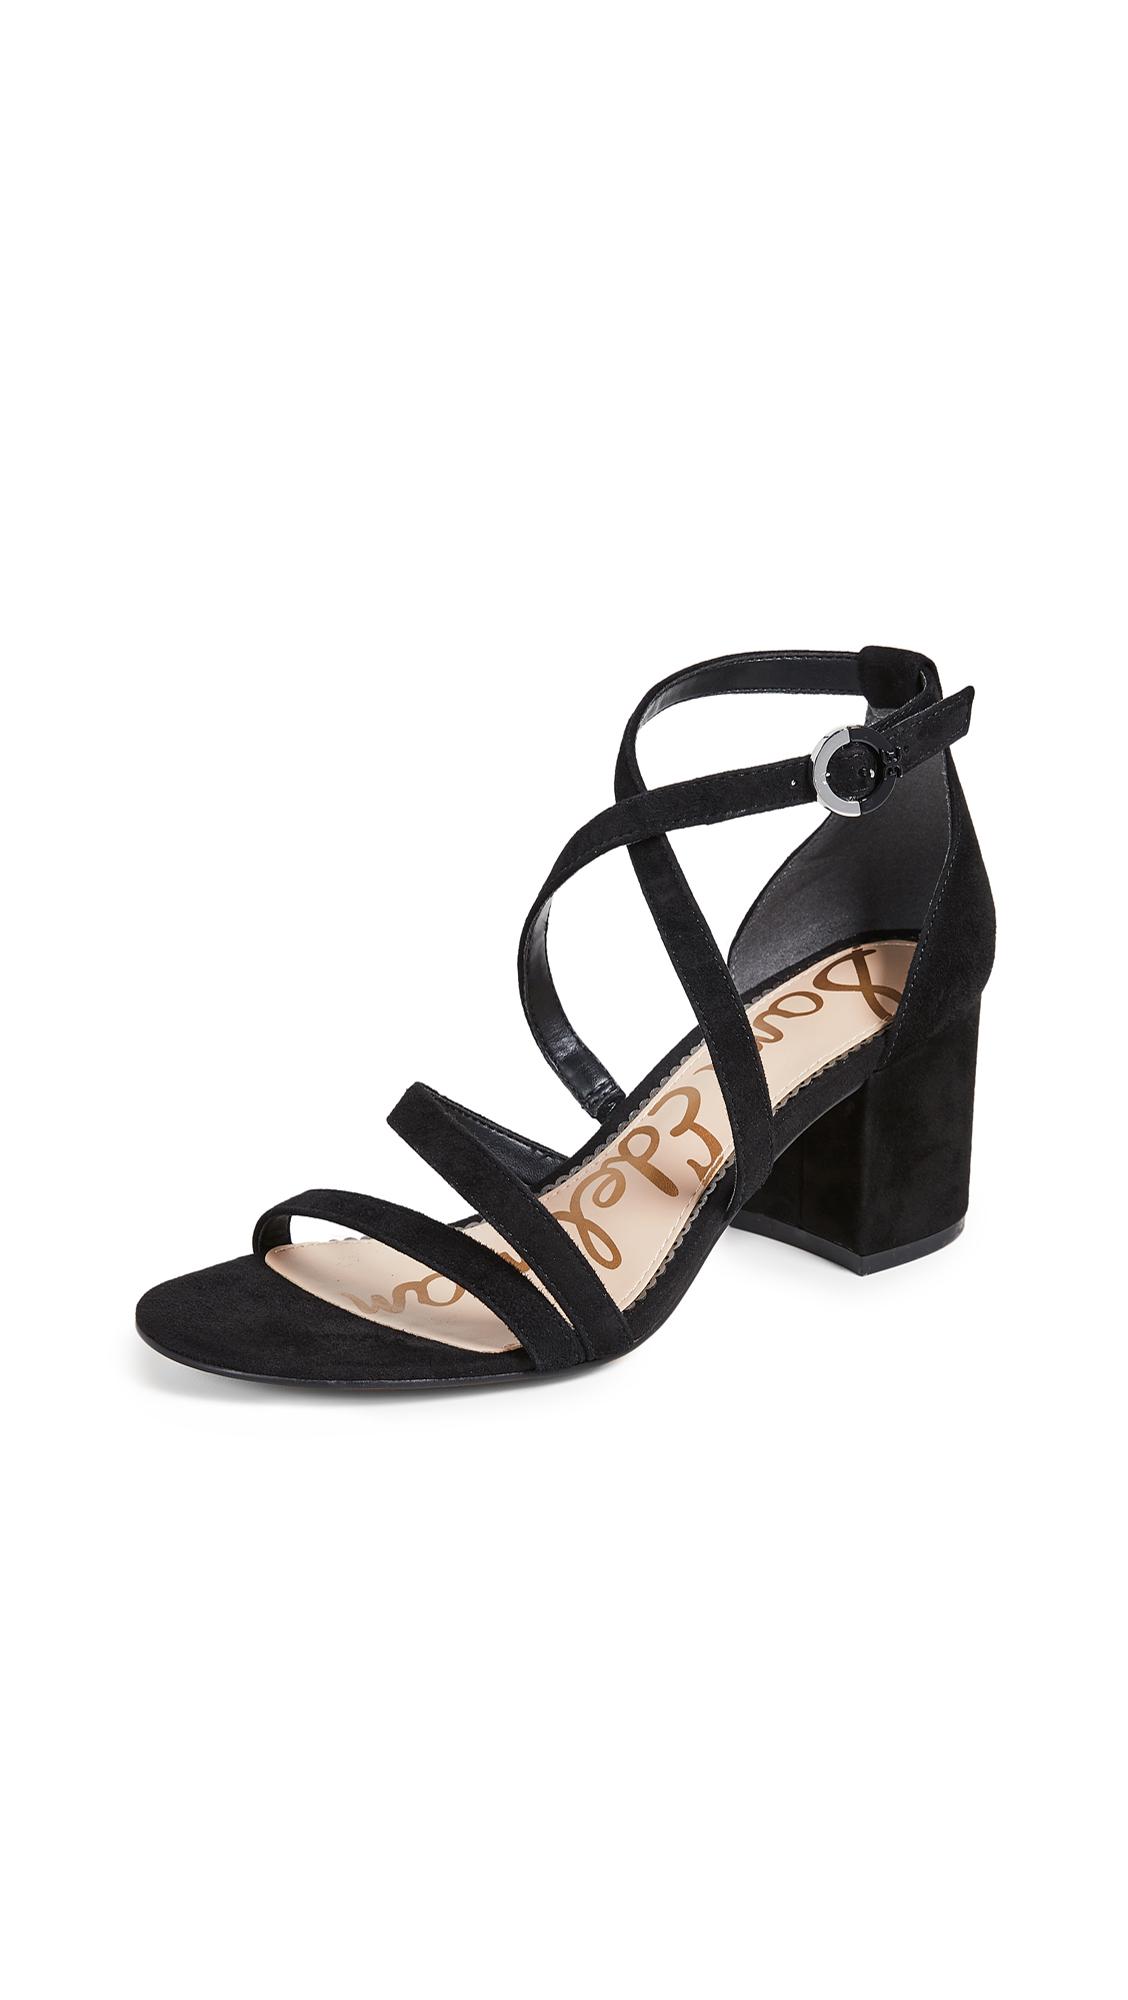 Buy Sam Edelman Stacie Sandals online, shop Sam Edelman